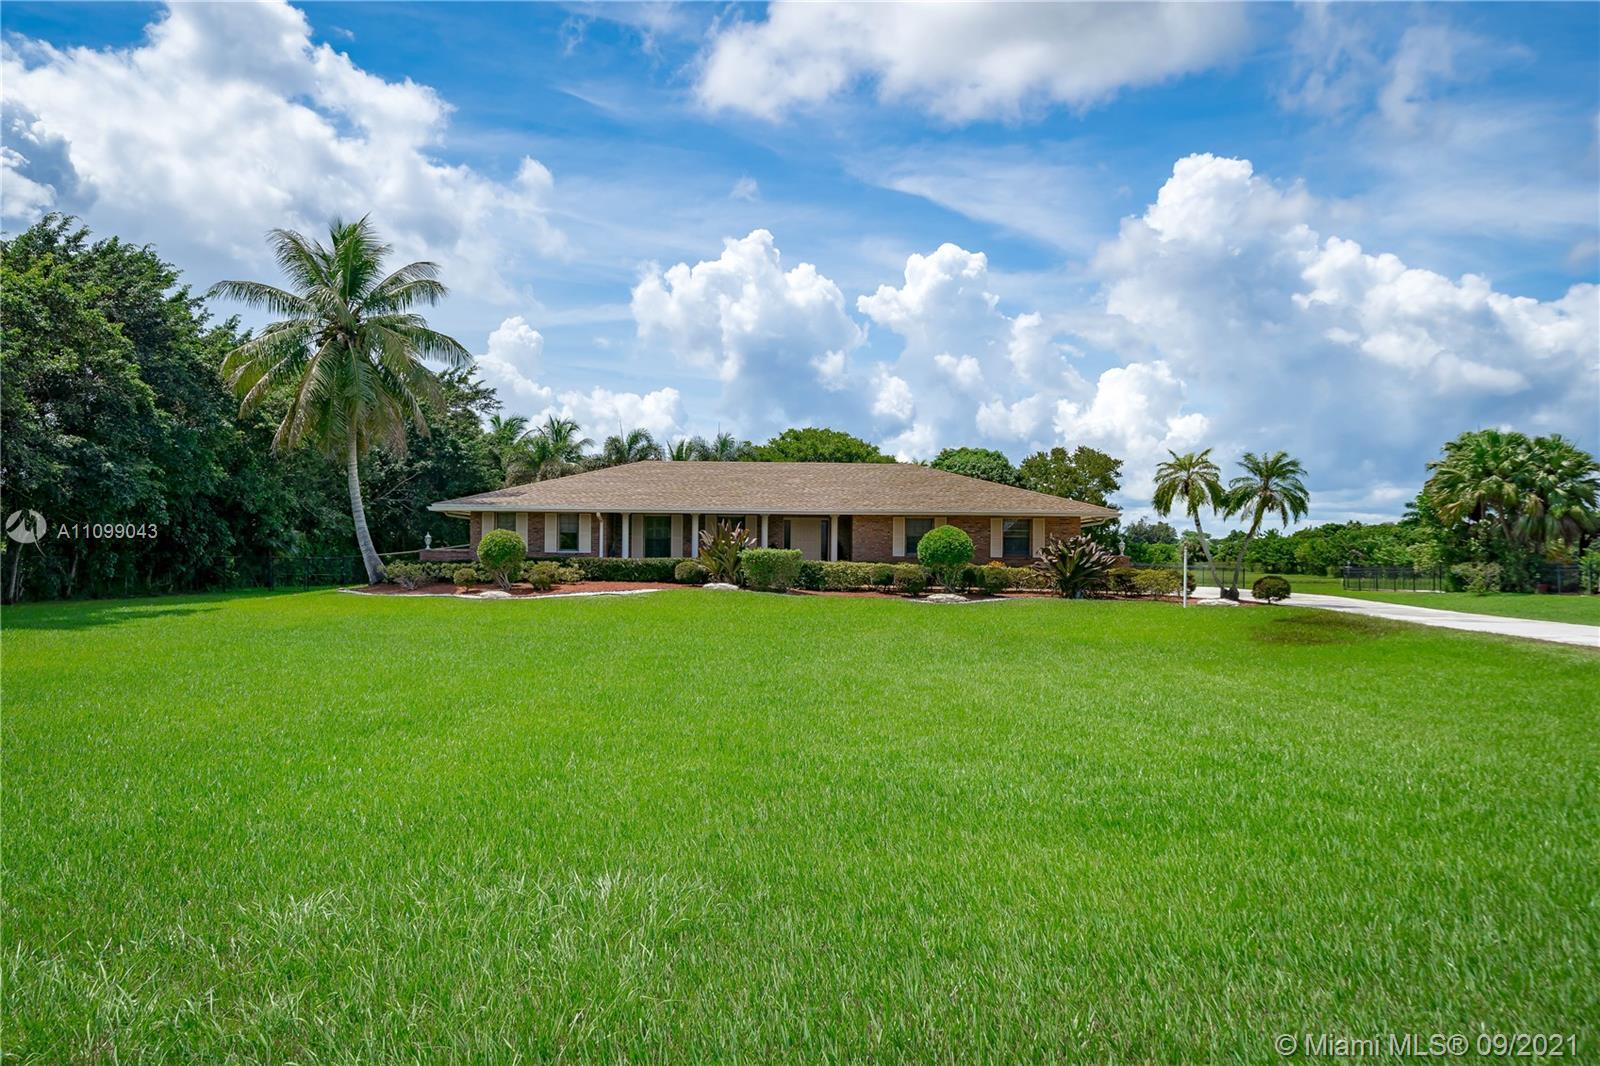 Majestic Groves - 3021 SW 117th Ave, Davie, FL 33330